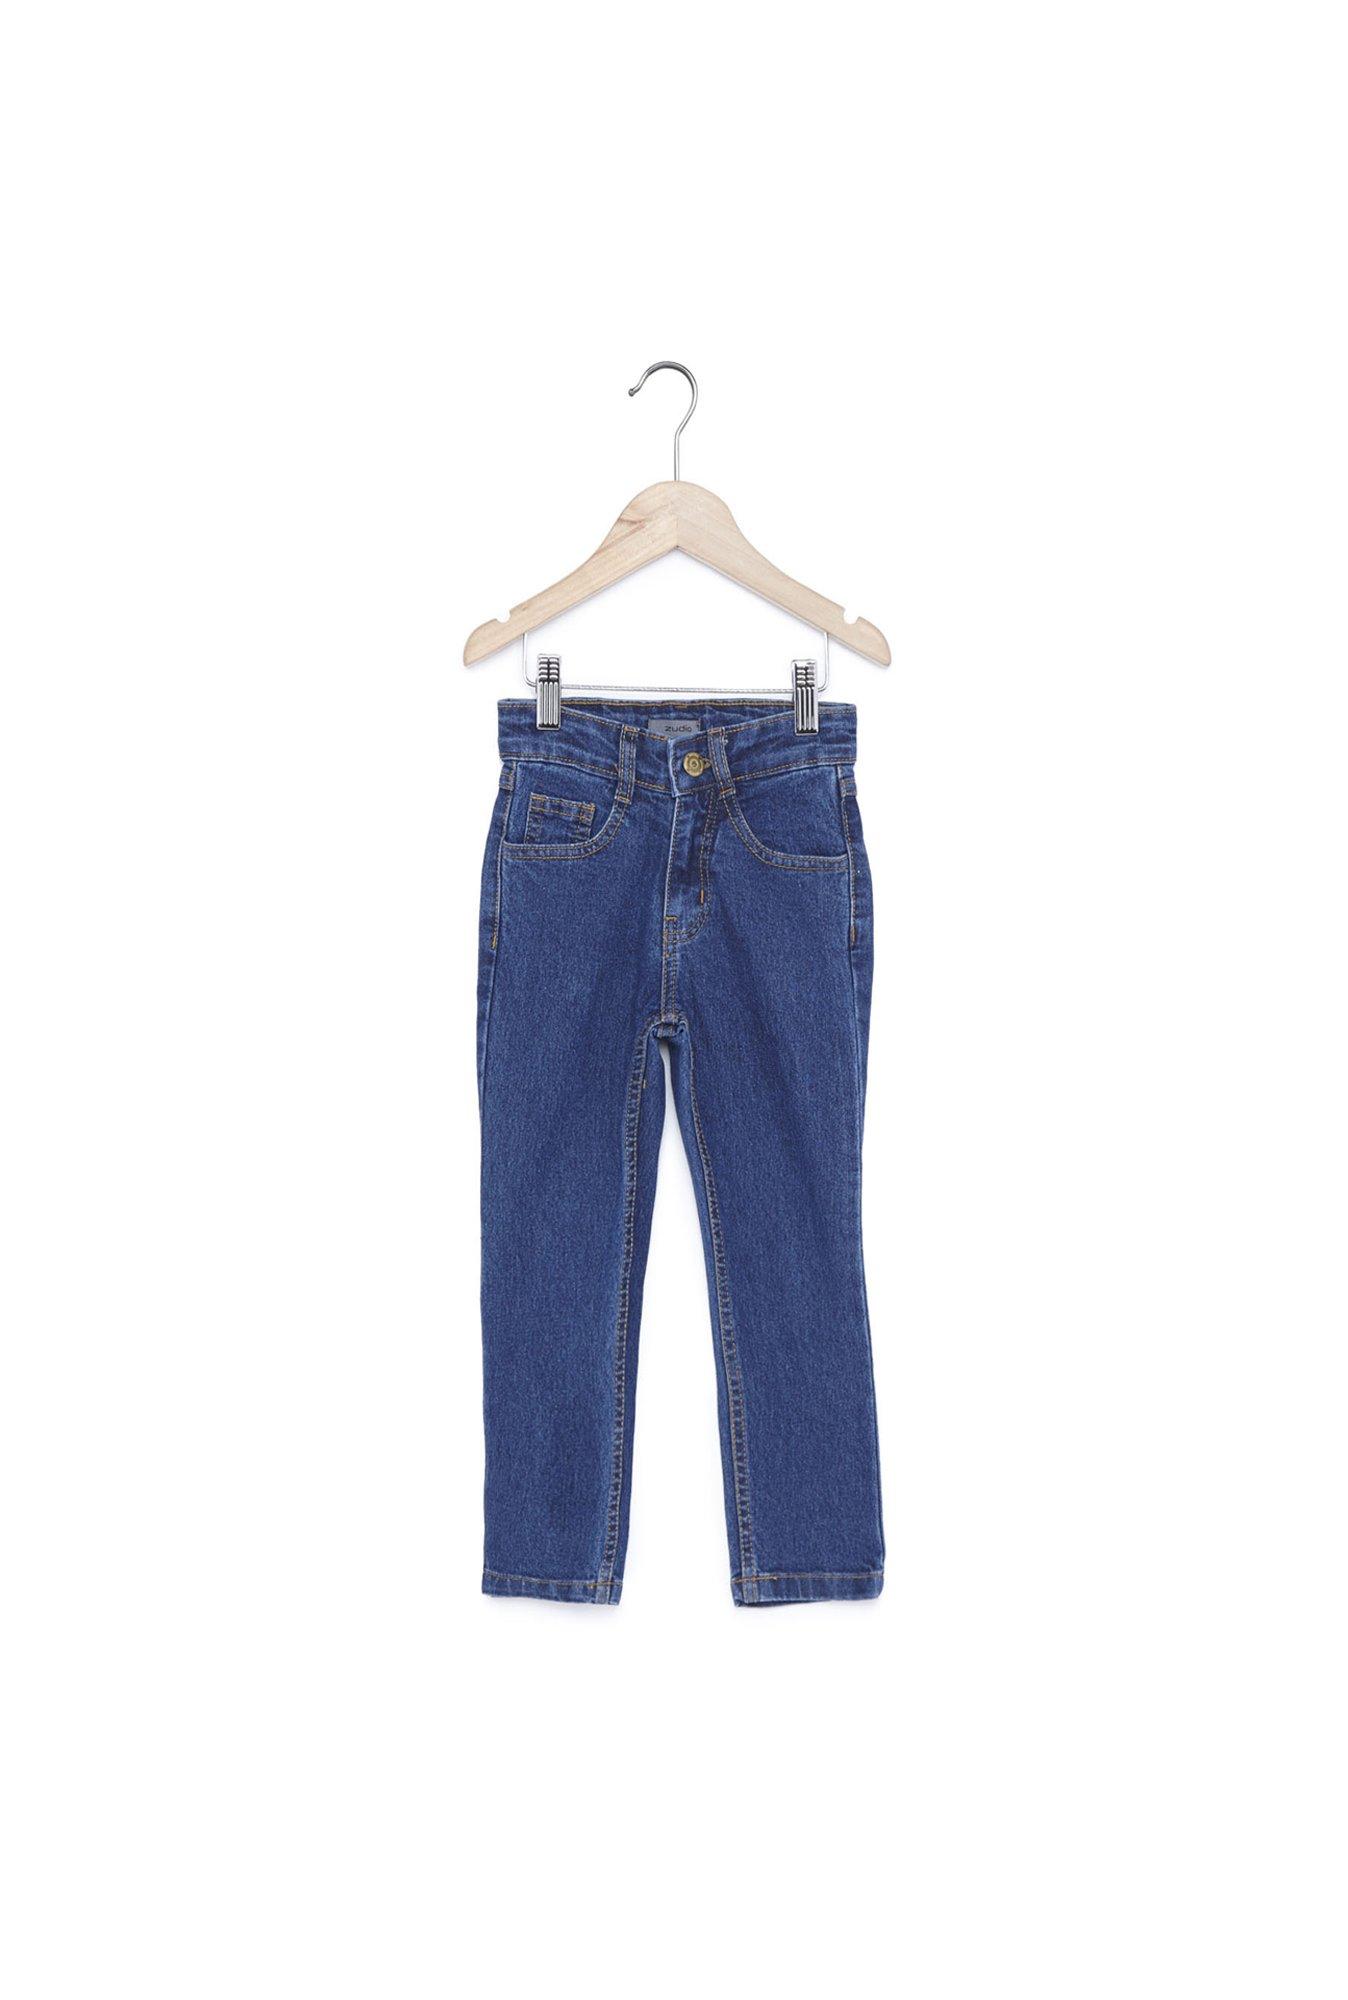 Zudio Navy Jeans